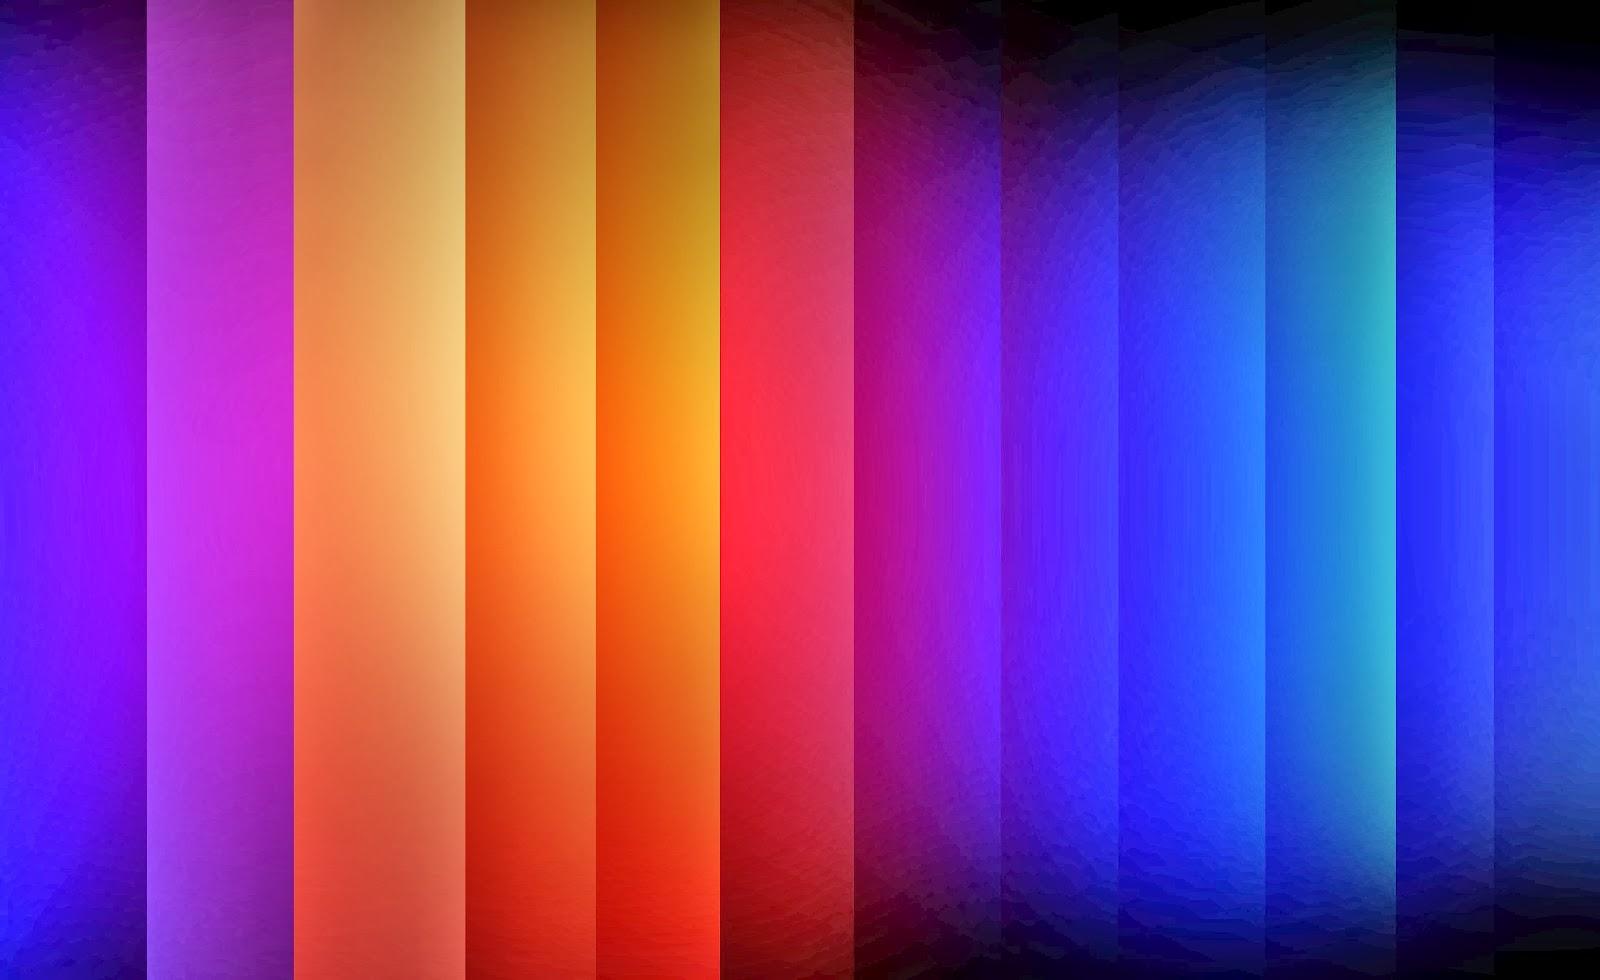 Imagenes Abstractas En Hd Para Descargar: Fondo De Pantalla Abstracto Tablones De Colores